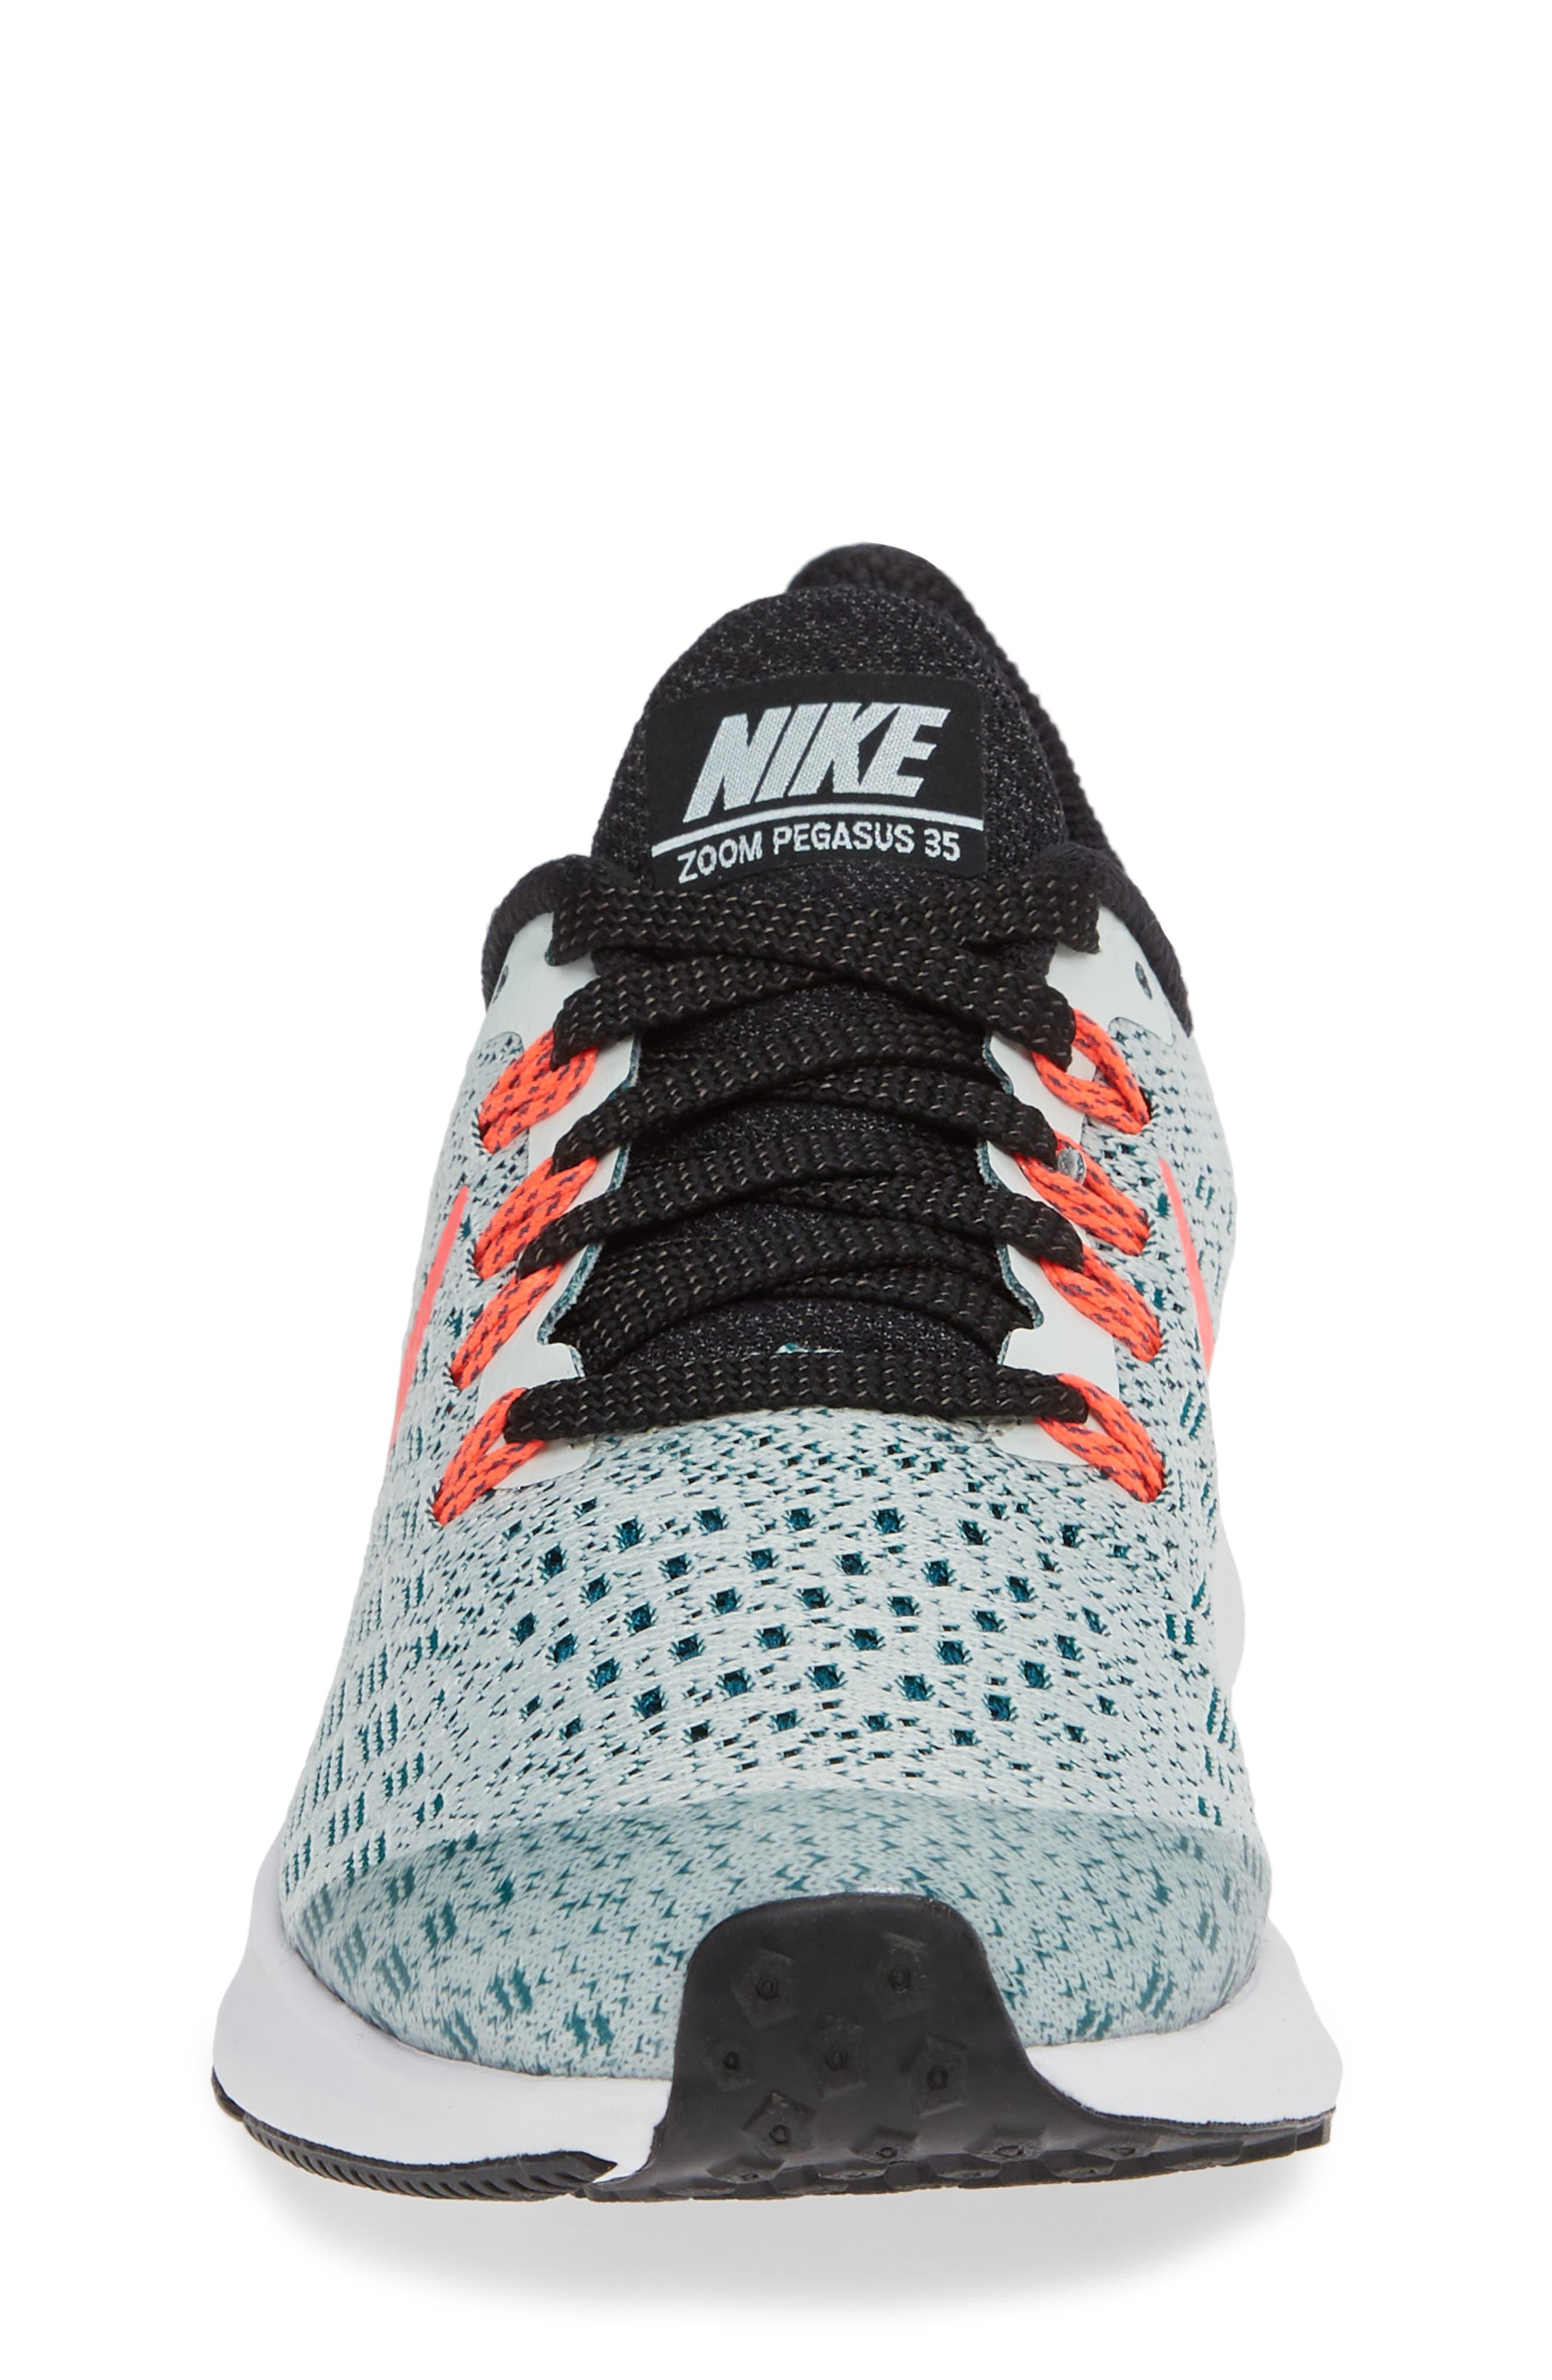 Air Zoom Pegasus 35 Sneaker,                             Alternate thumbnail 6, color,                             Grey/ Hot Punch/ Teal/ Black